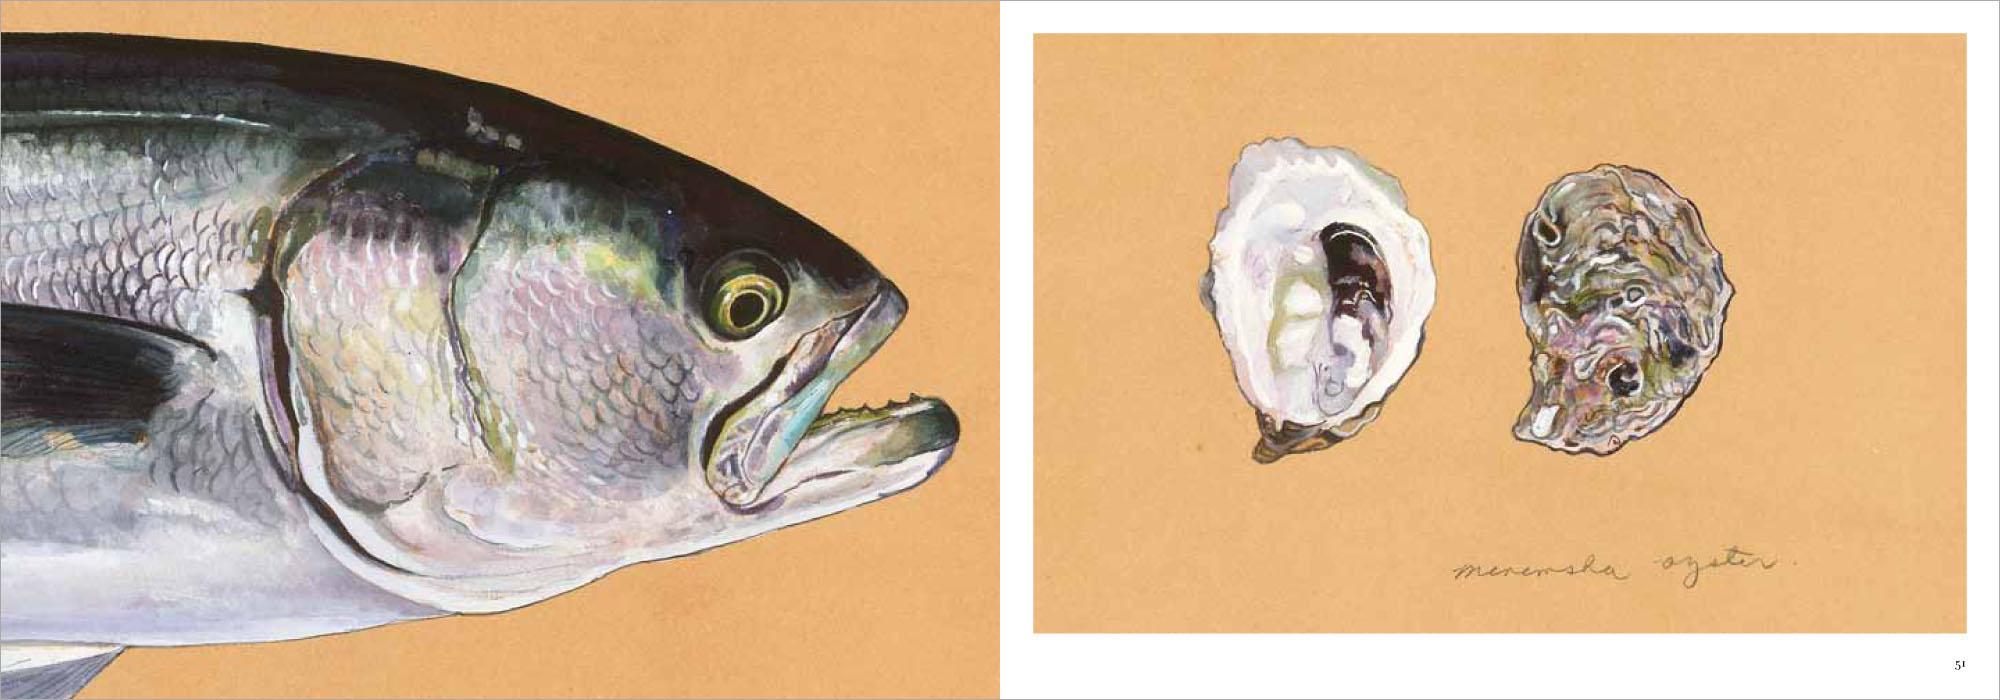 02.fishpart1-12.jpg